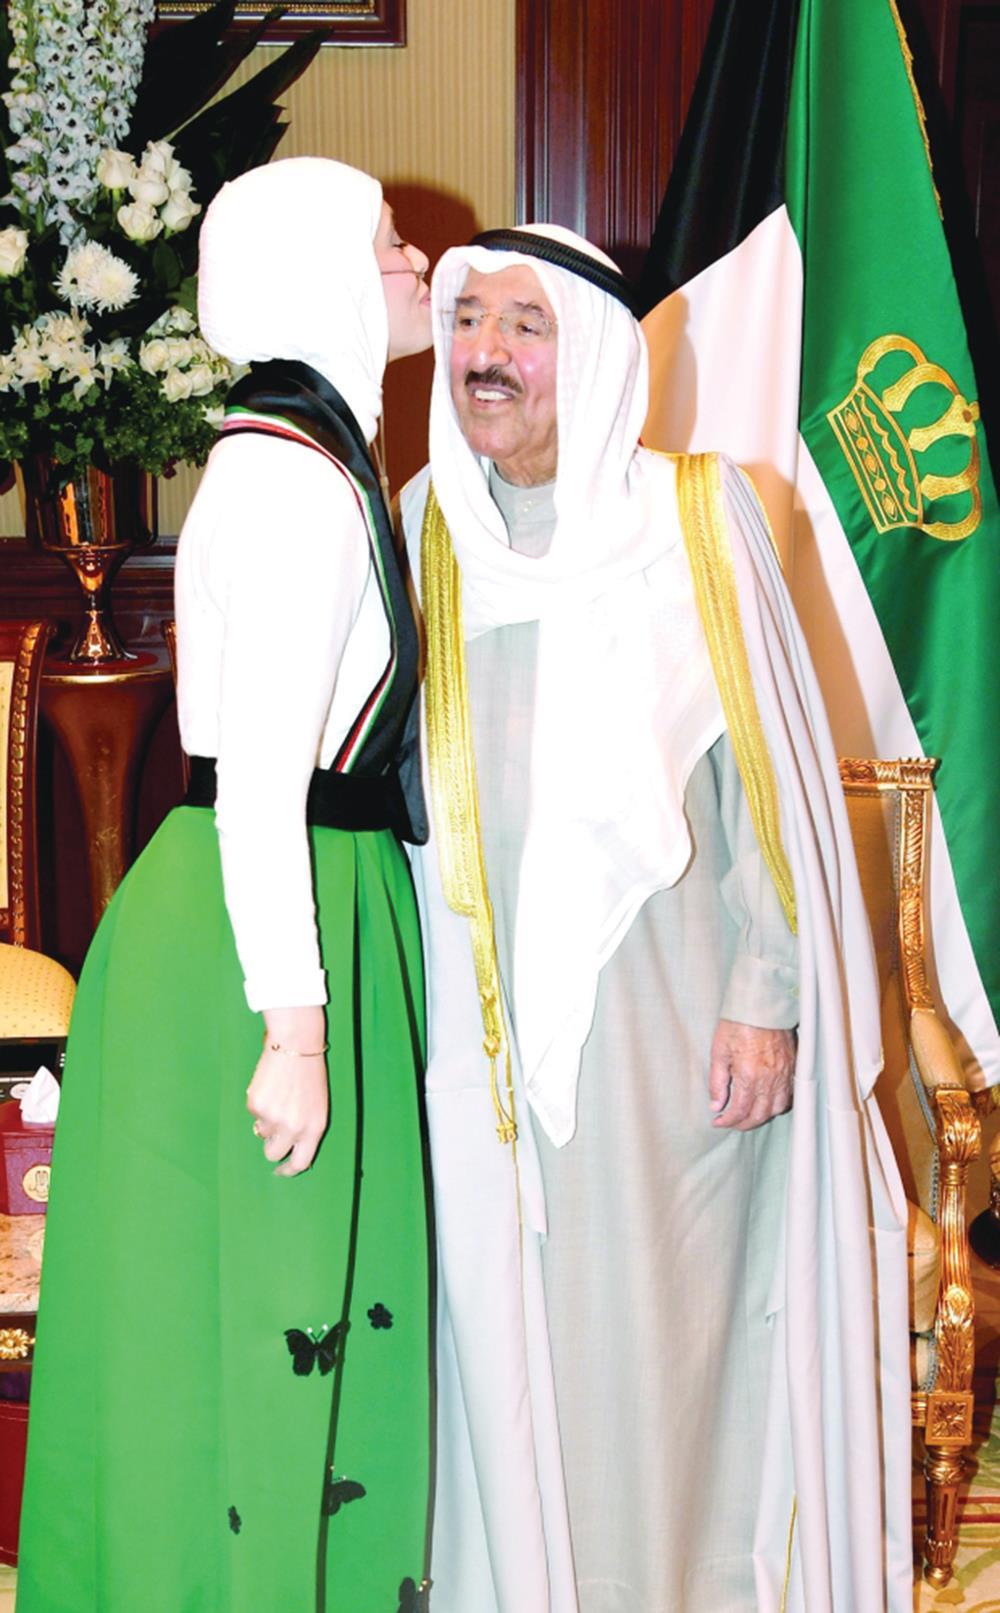 شيماء لـ «الراي»: من ابتسامة الأمير أستمدّ التفاؤل و80 دقيقة مع بابا صباح... تسوى العمر كله